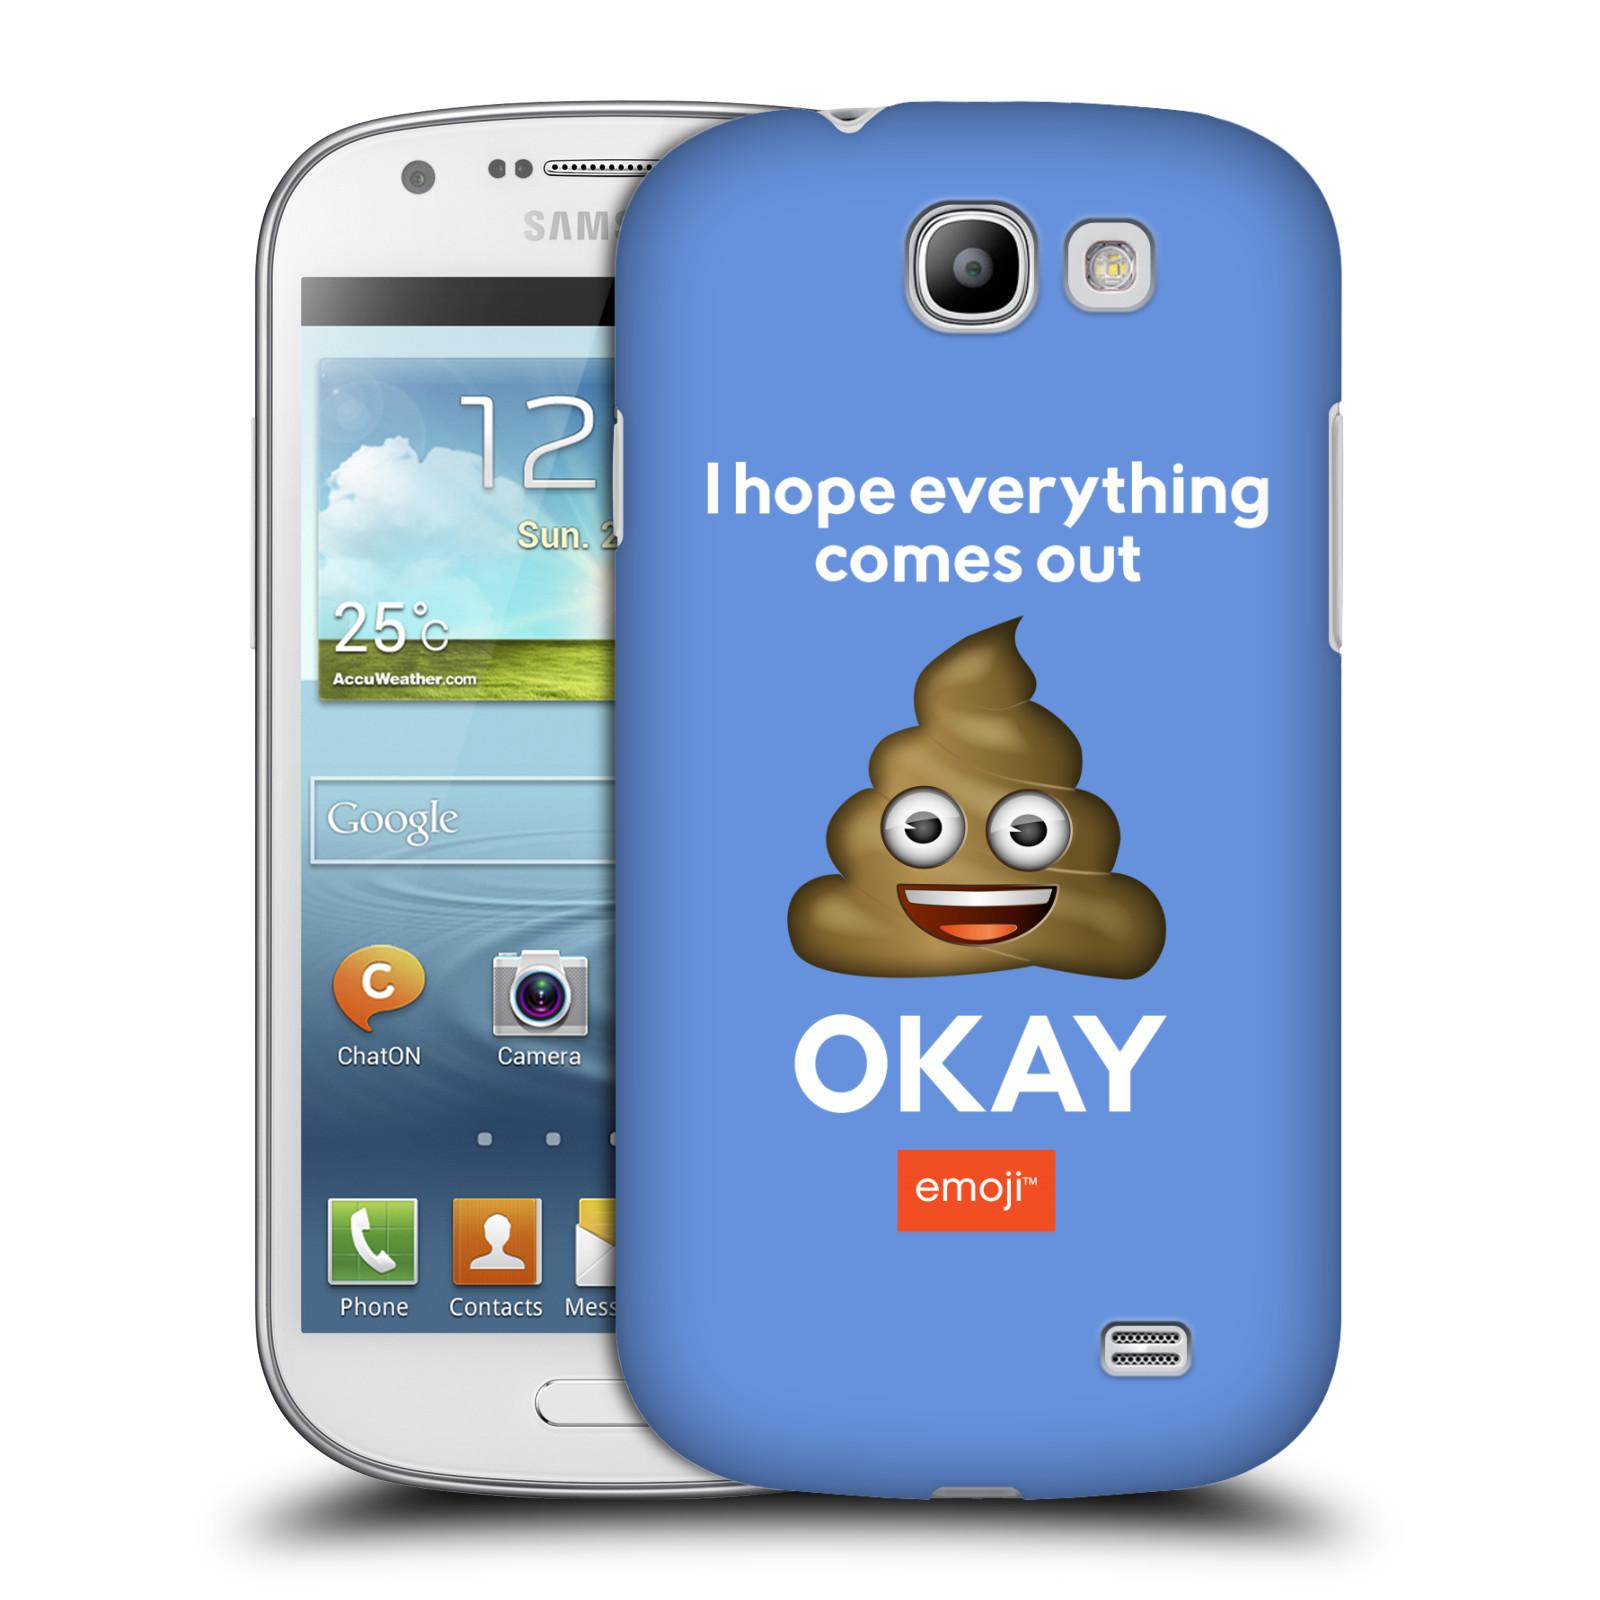 Plastové pouzdro na mobil Samsung Galaxy Express HEAD CASE EMOJI - Hovínko OKAY (Kryt či obal s oficiálním motivem EMOJI na mobilní telefon Samsung Galaxy Express GT-i8730)